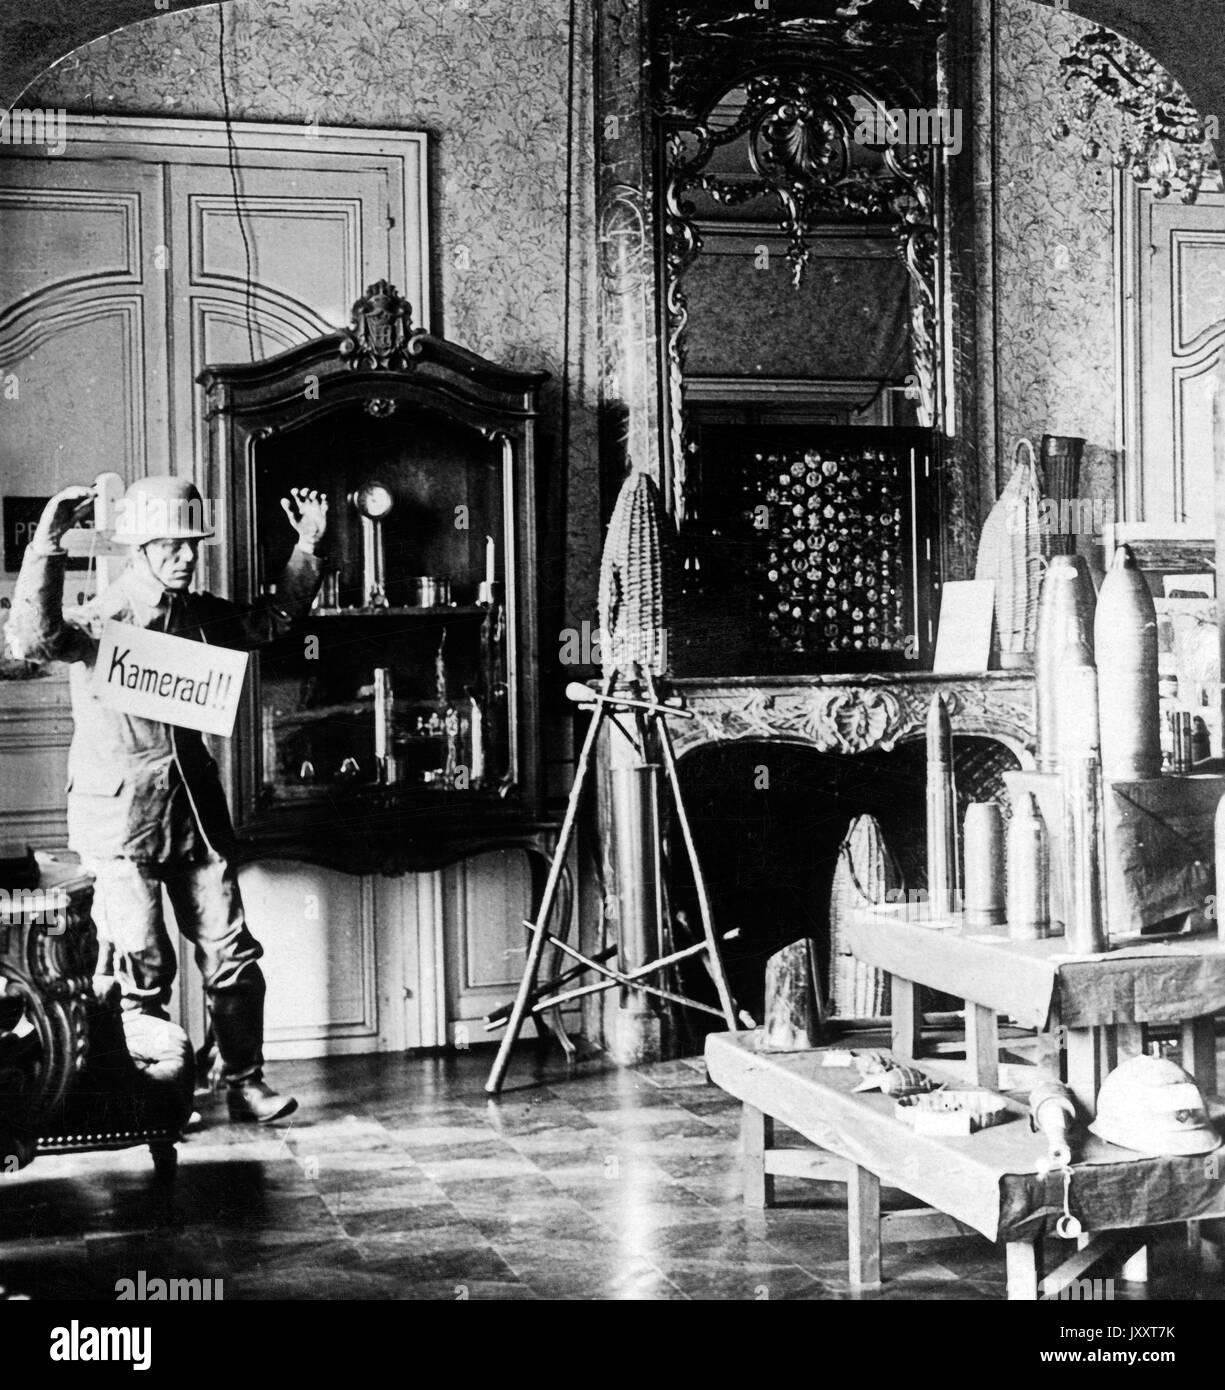 'Kamerad' und deutsche Kriegstrophäen in einem französischen Schloß, Frankreich 1917. 'Kamerad' and German trophies at a French chateau, France, 1917. - Stock Image